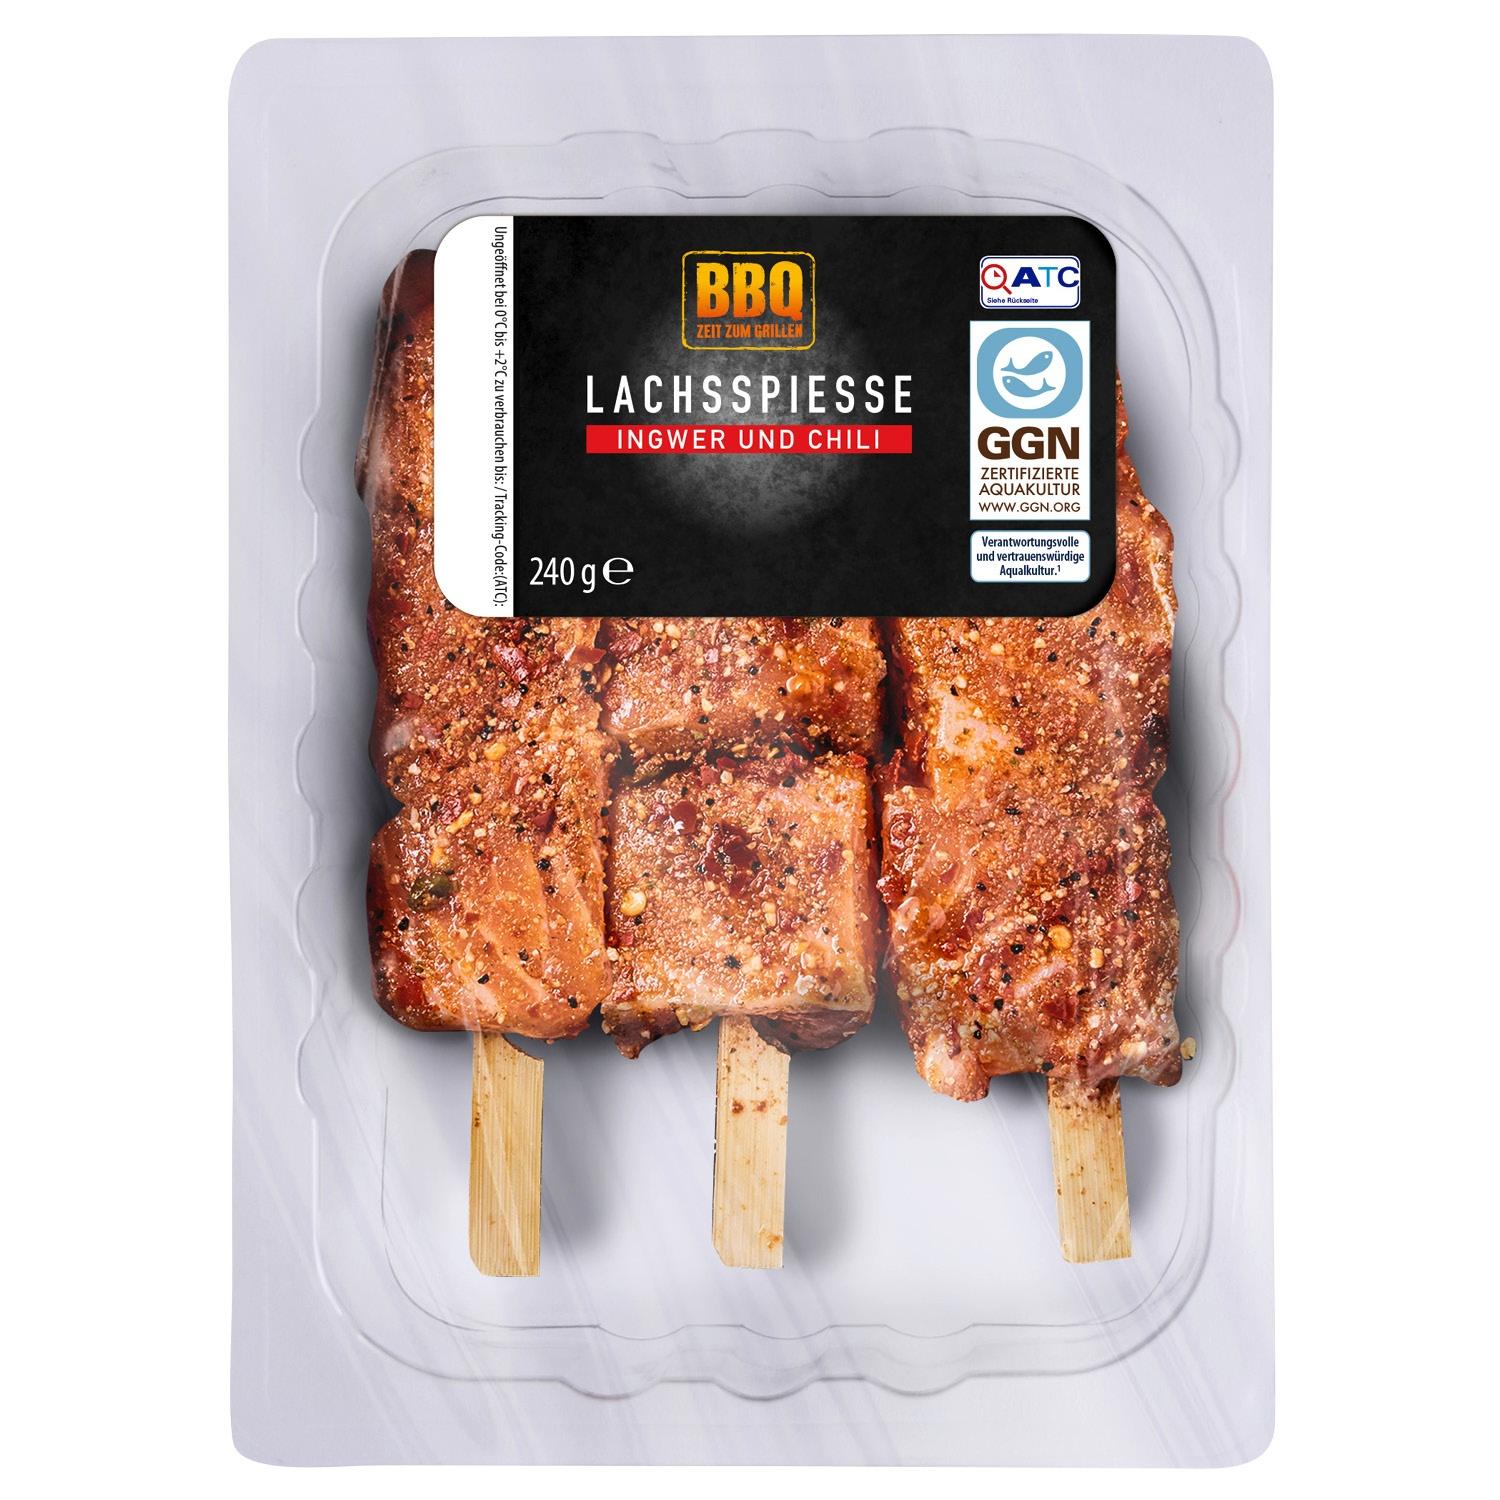 BBQ Lachsspieße 240 g*